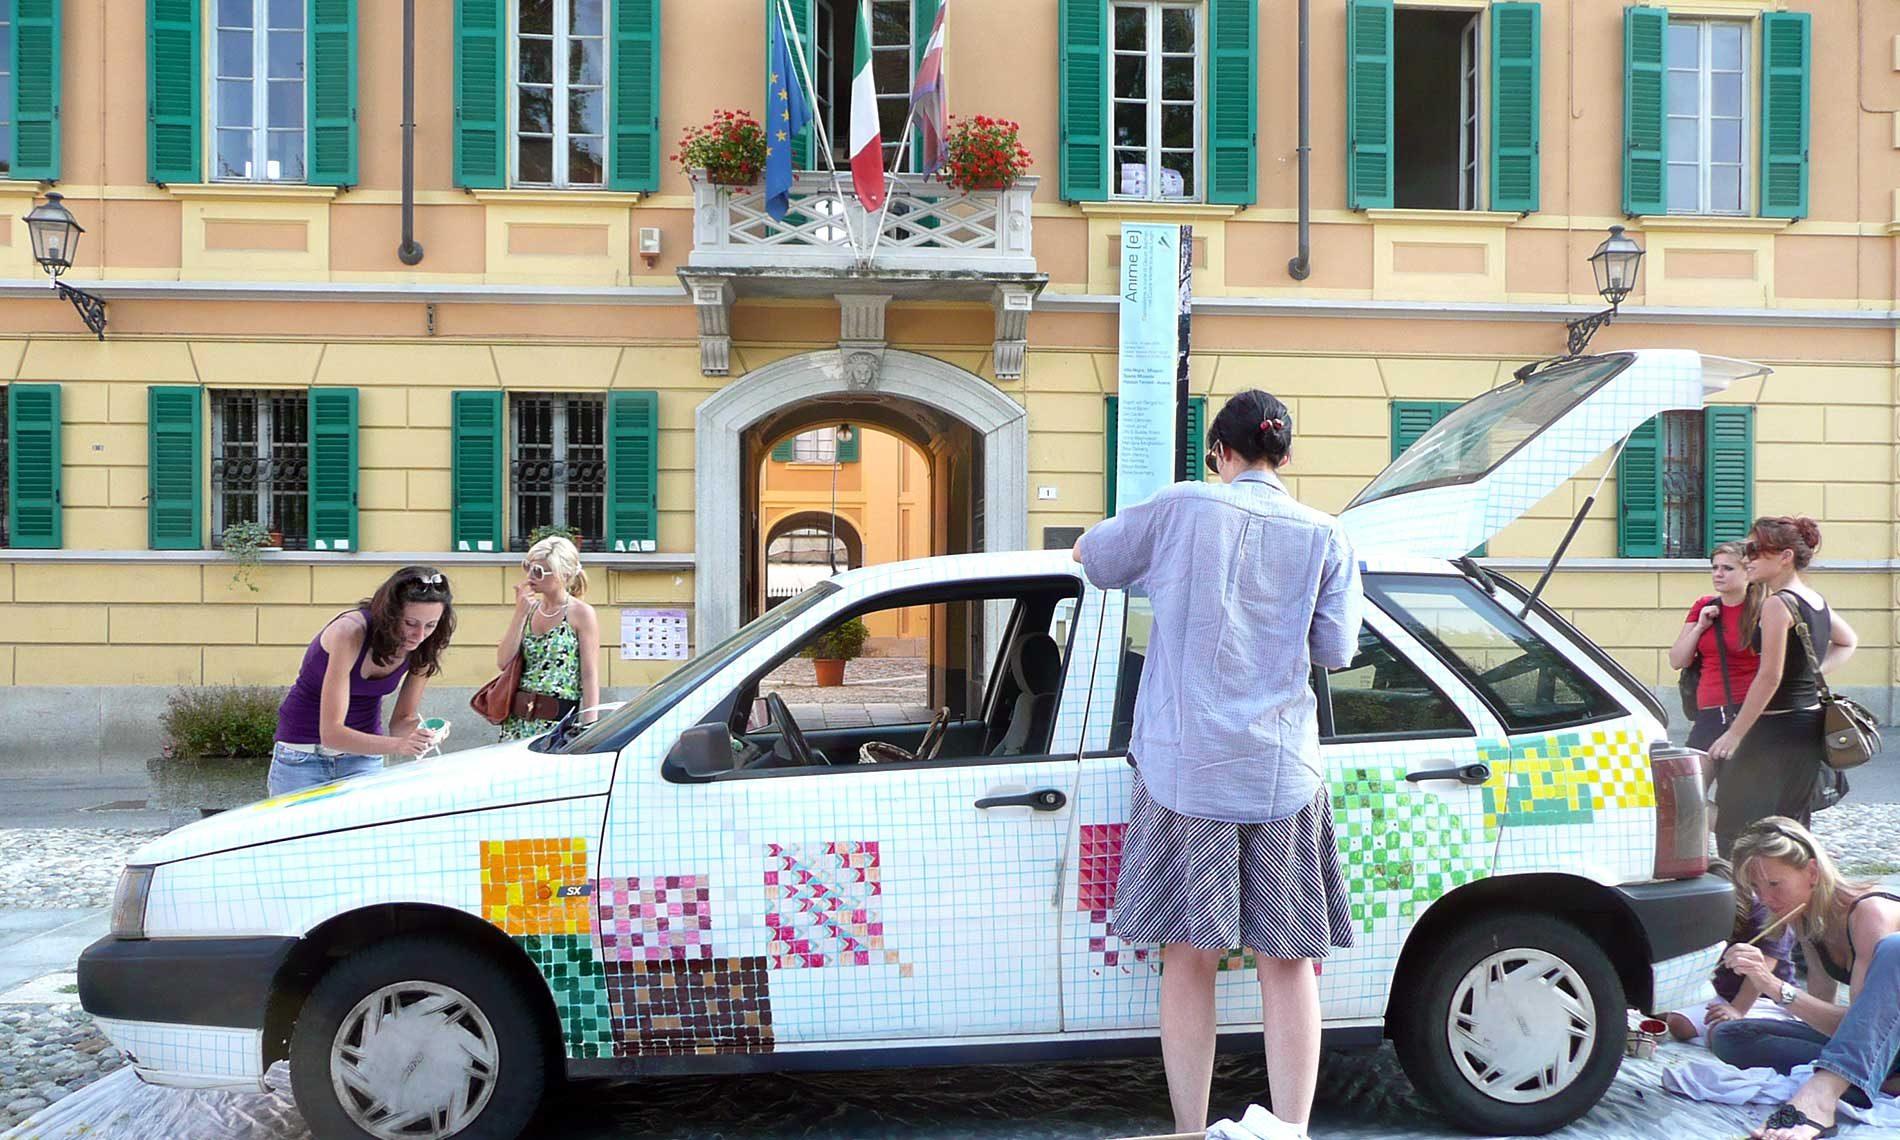 Francesco Brugnetta - Piazza Marconi, Ameno